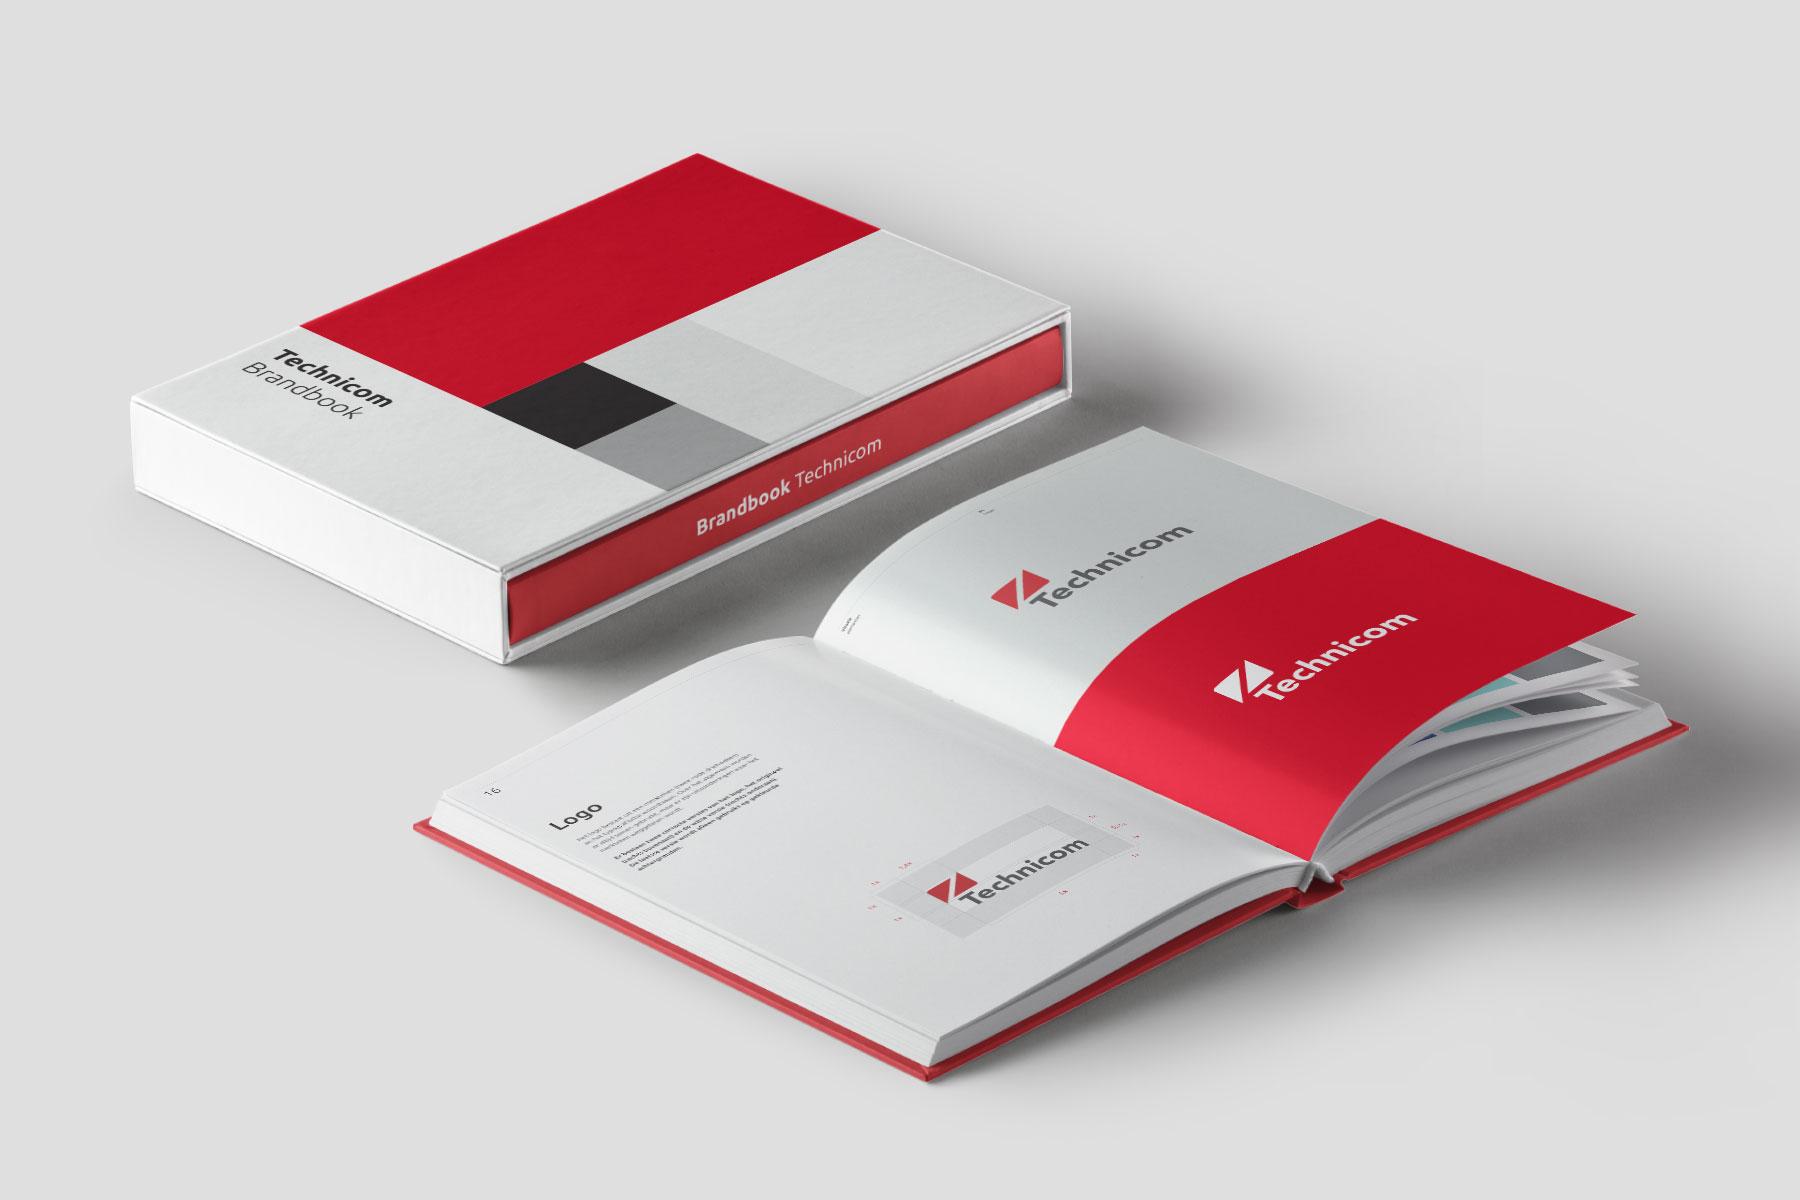 Technicom / Dutchy Design / Branding & Design Portfolio